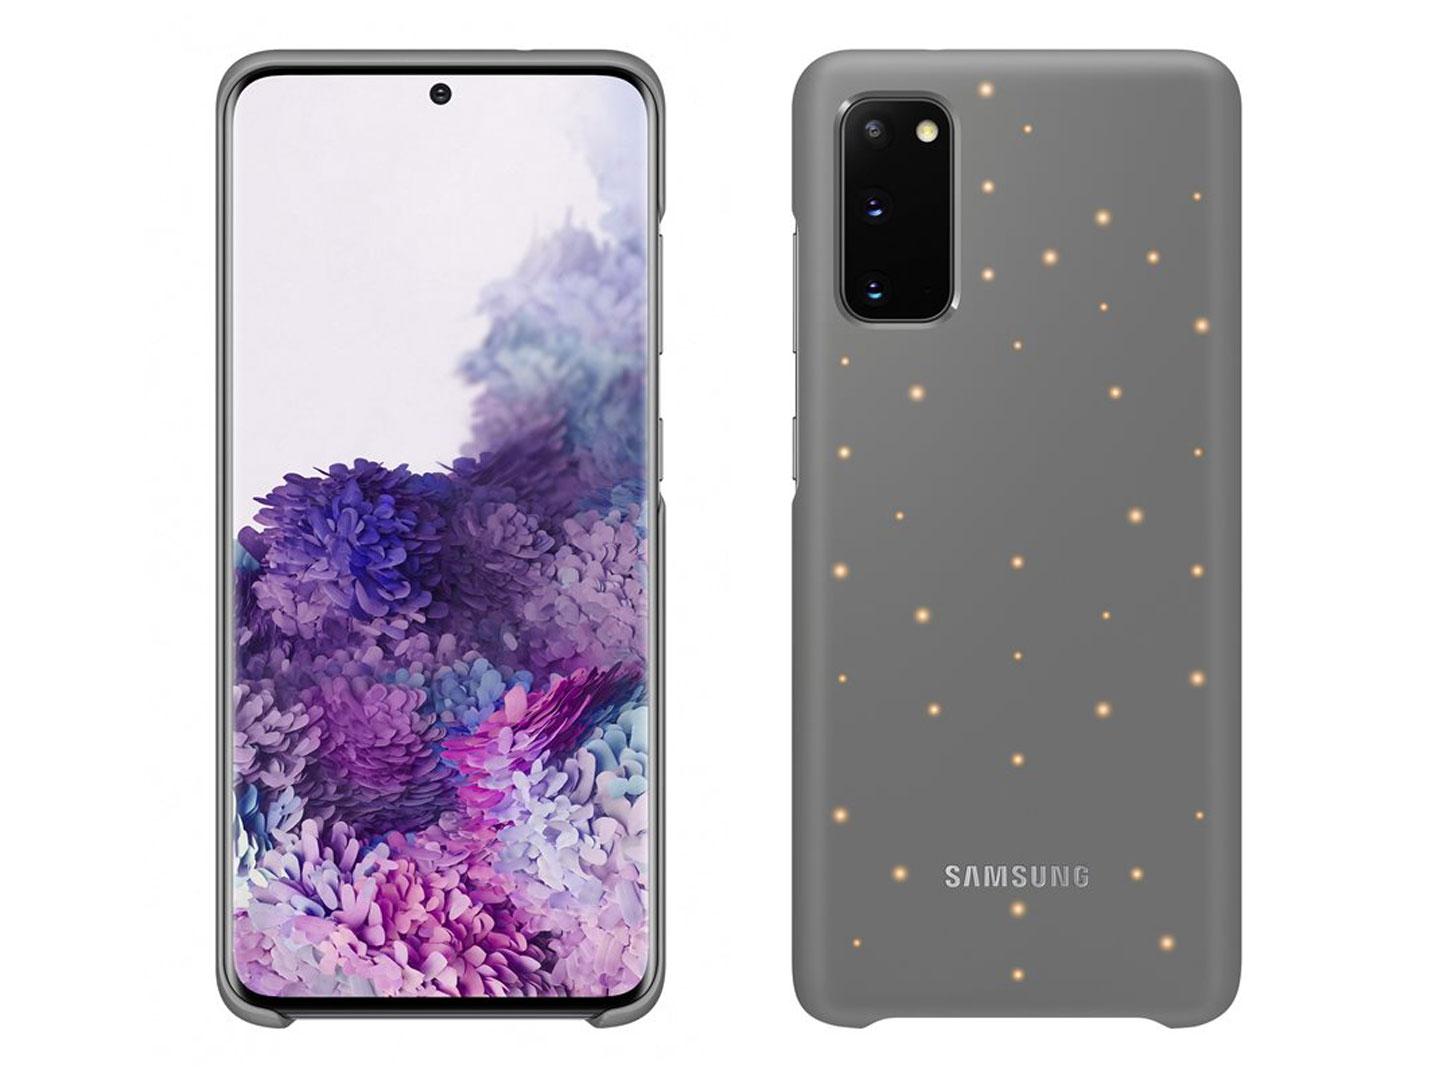 Galaxy Desain S20 dikonfirmasi secara prematur oleh Samsung